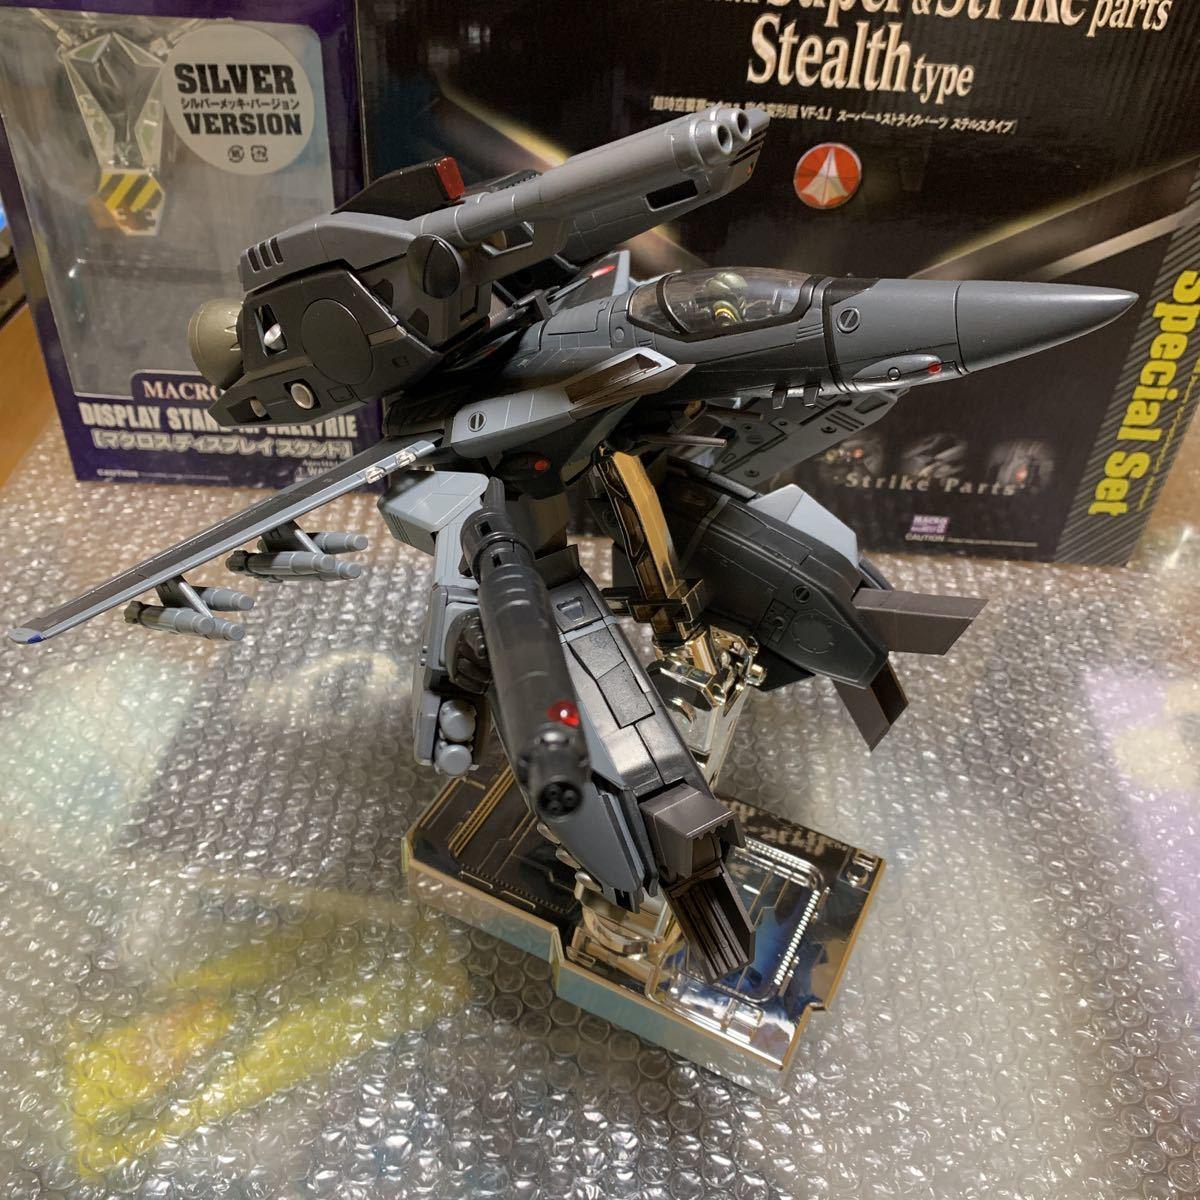 極美品 希少 やまと YAMATO 完全変形 1/48 VF-1J with Super & Strike parts Stealth type VF-1J ステルスタイプ スーパー ストライク 付